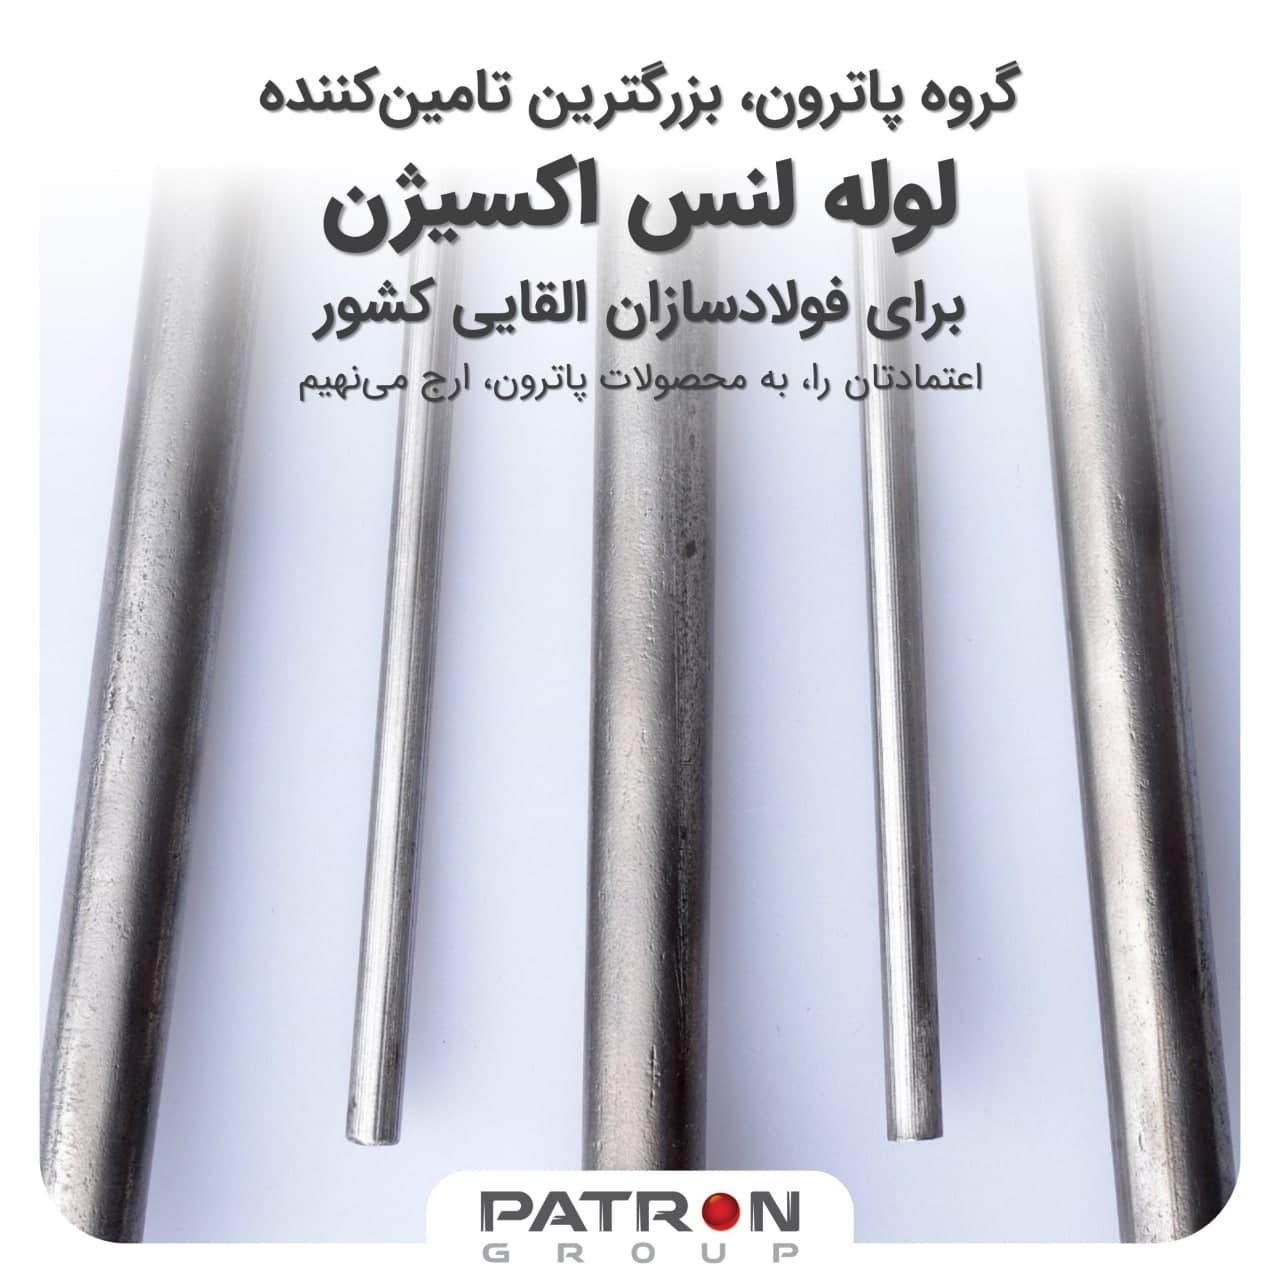 پاترون، بزرگترین تامینکننده لوله لنس برای فولادسازان القایی